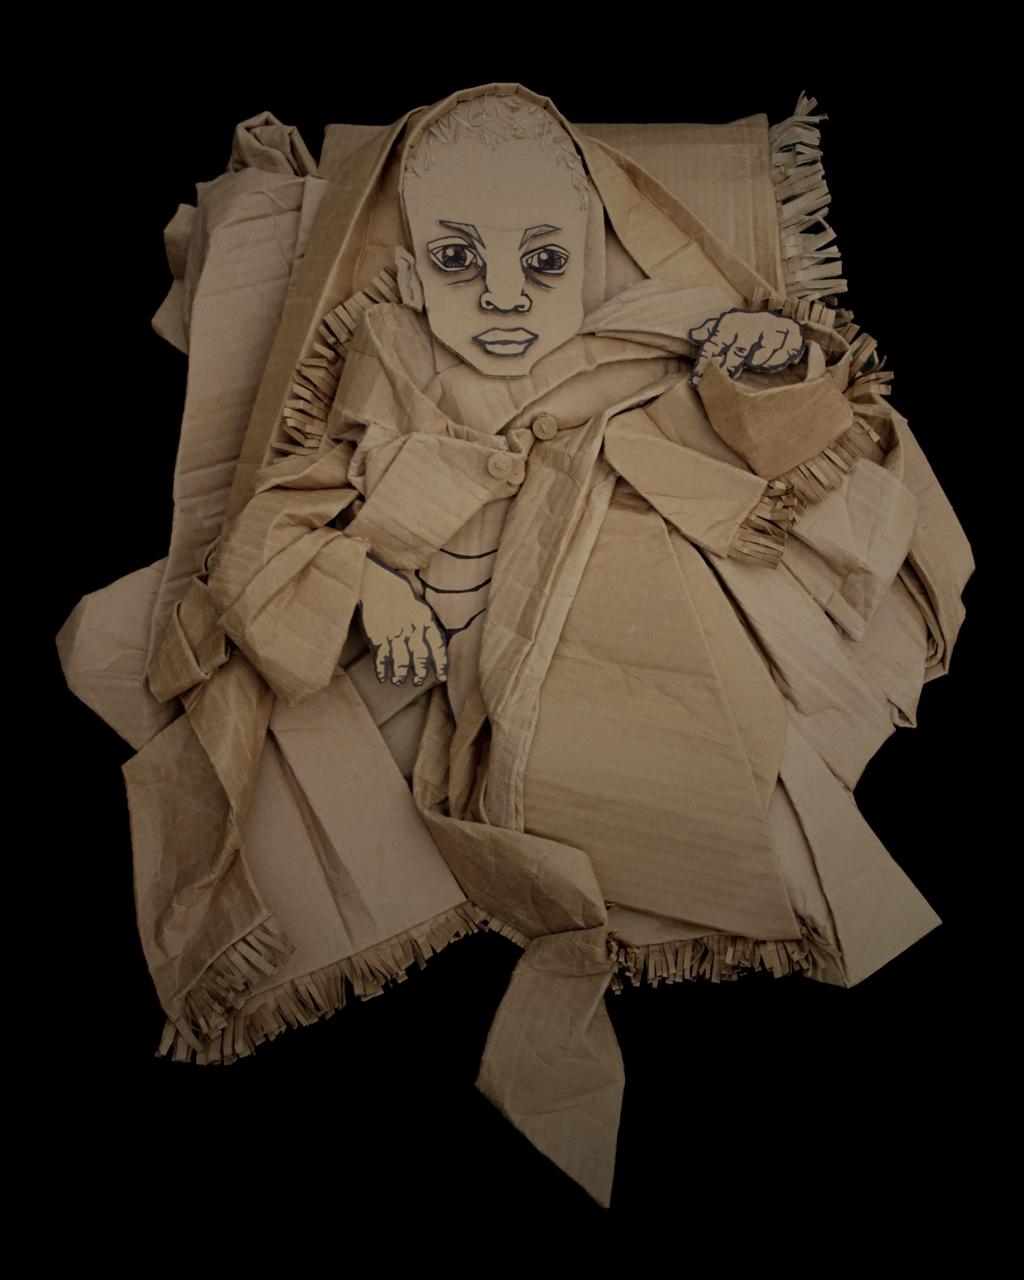 趣味纸板肖像艺术-具体内容-玩意儿